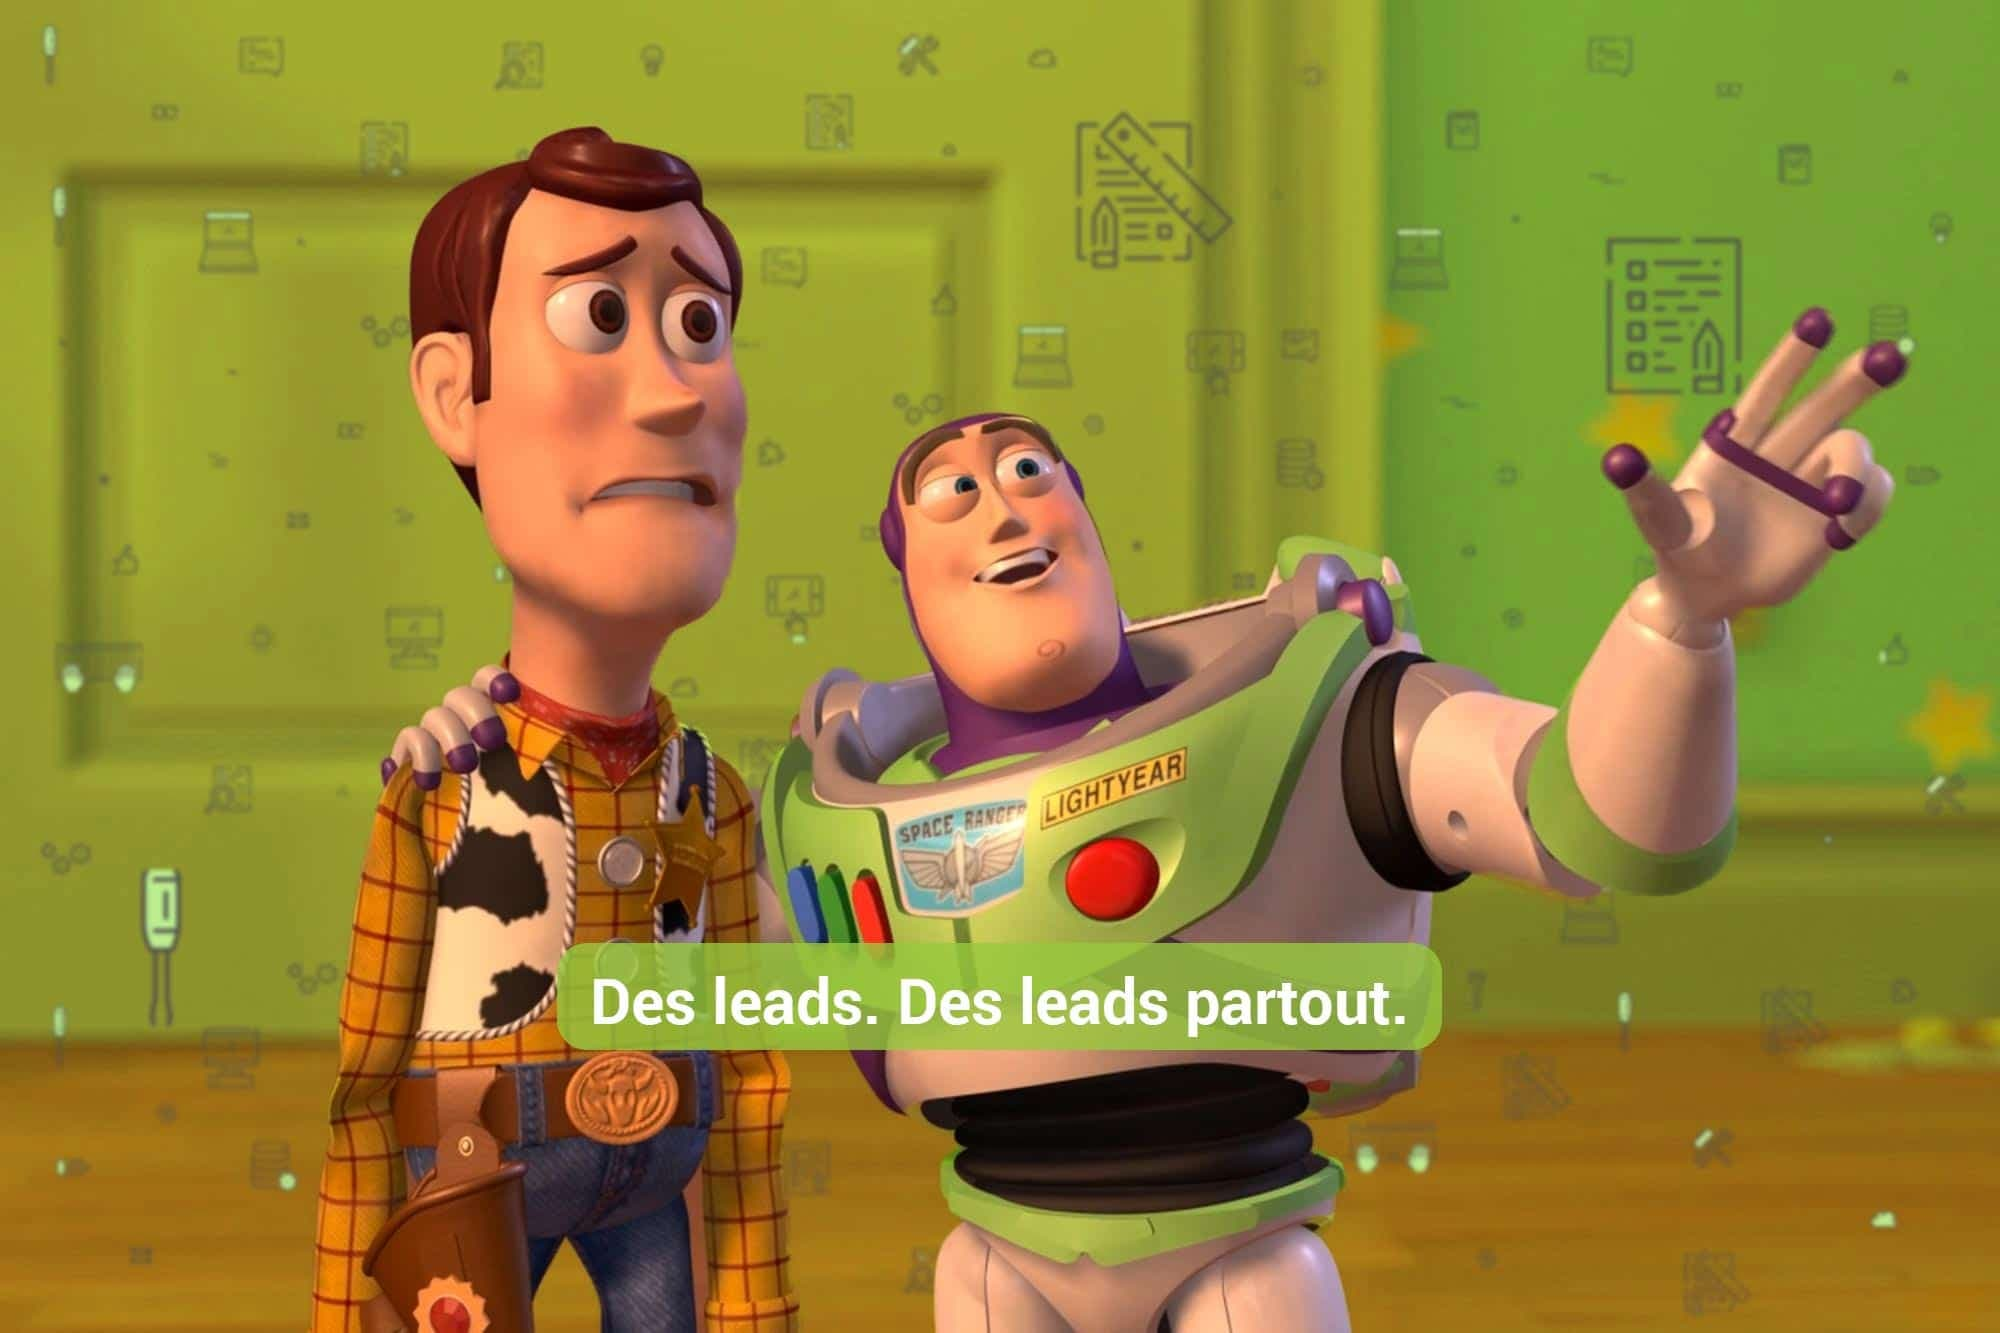 Comment générer des leads ? Par l'agence digitale La Quincaillerie à Lille